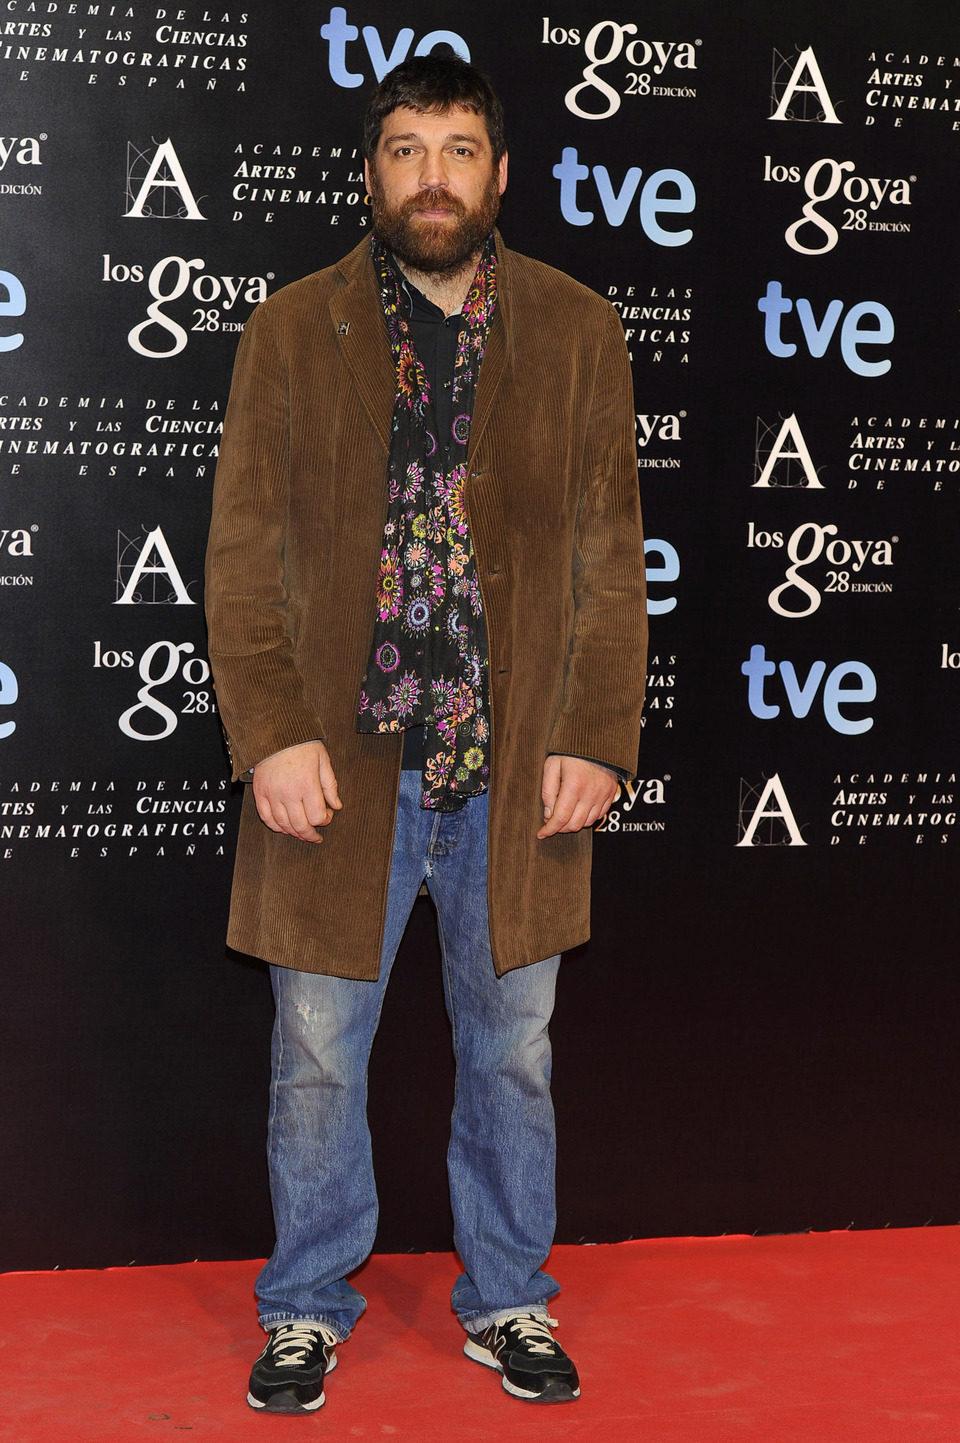 Hovik Keuchkerian en la alfombra roja de la fiesta de los nominados a los premios Goya 2014